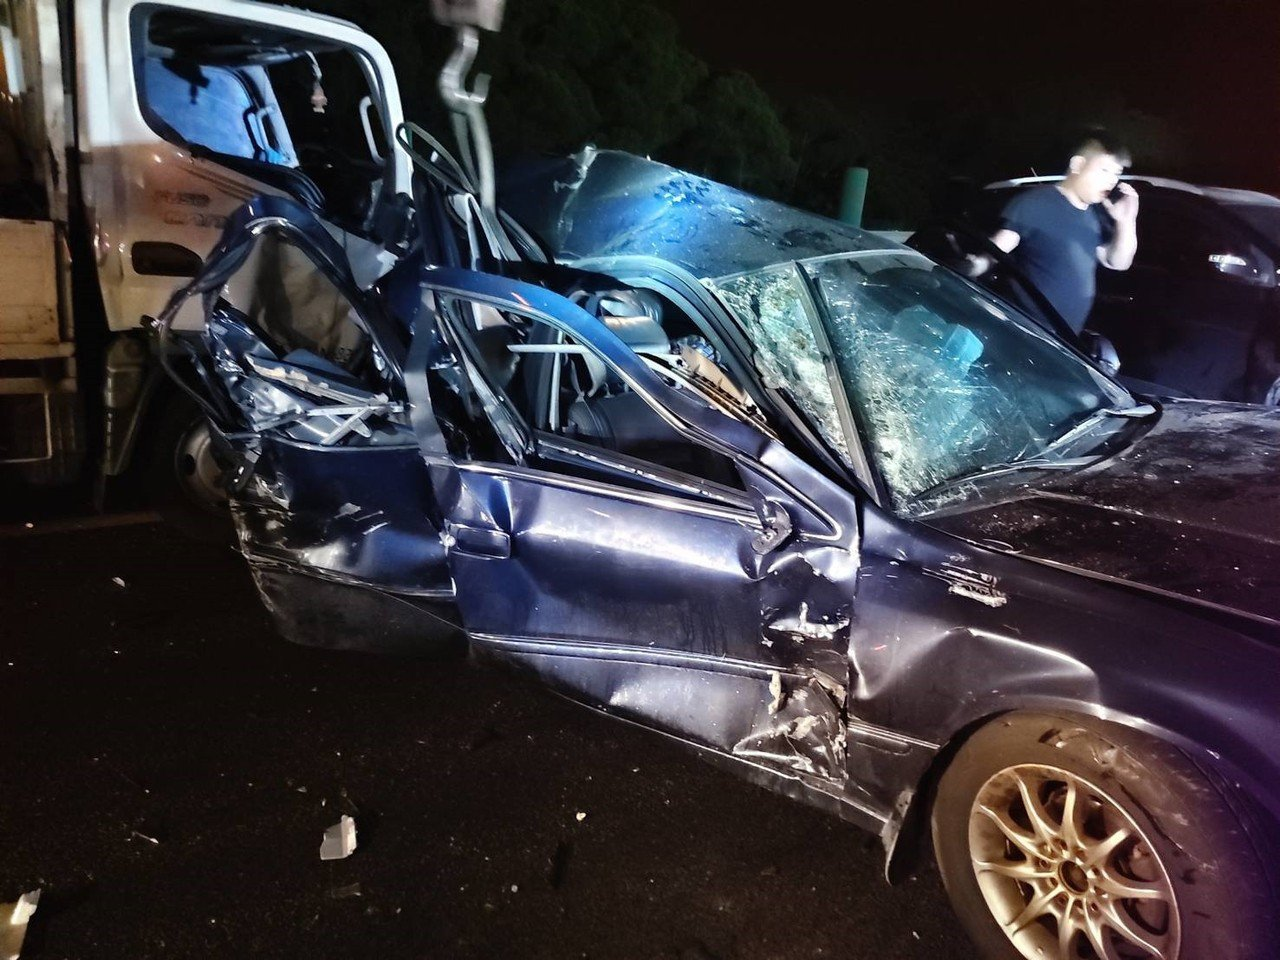 國道三號南下苗栗竹南路段11日深夜11點多發生事故。圖/記者胡蓬生翻攝